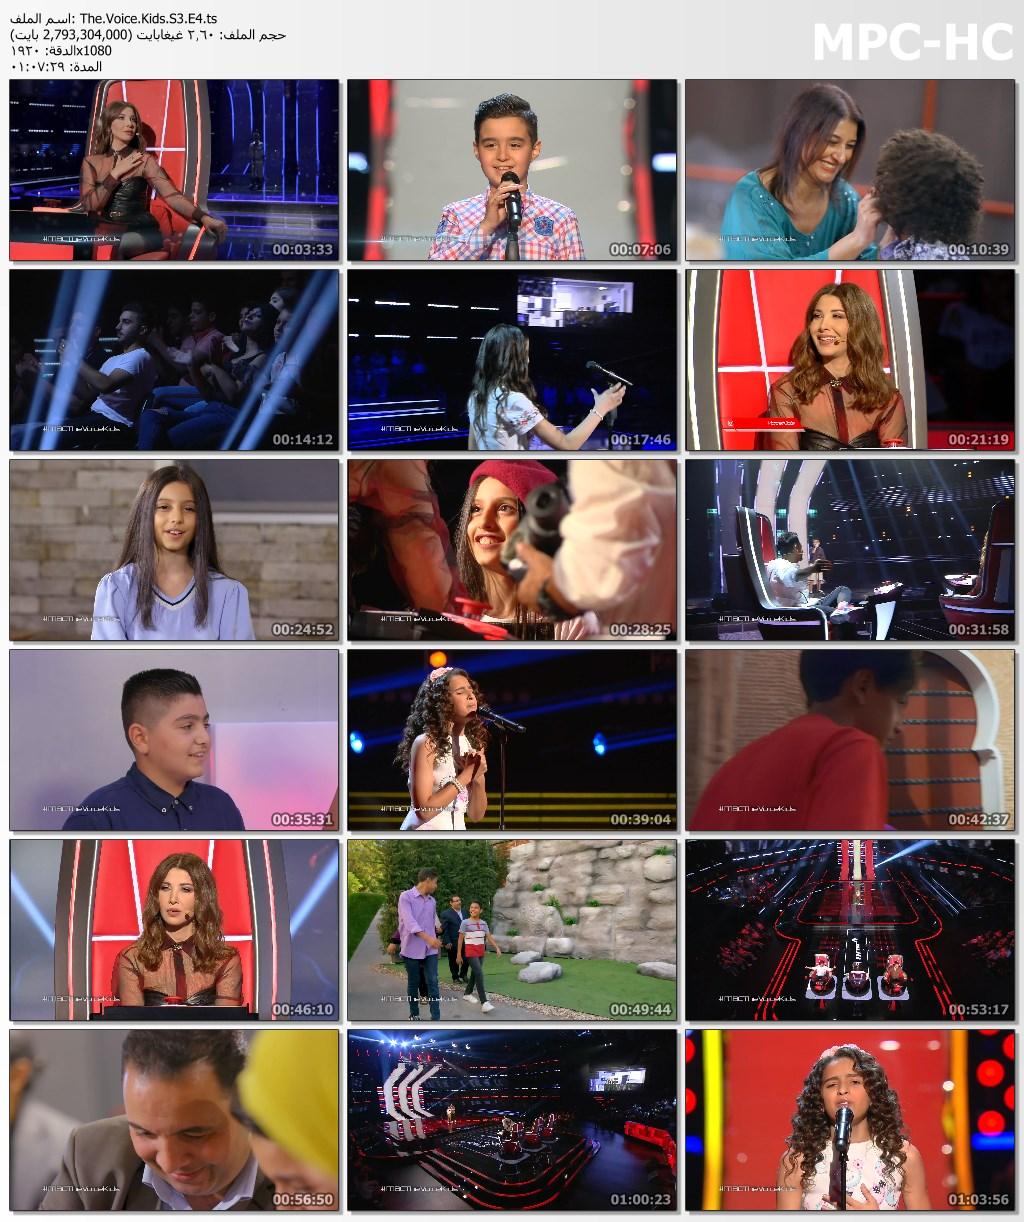 The Voice Kids احلى صوت [ الموسم 3 ] [ الحلقة 4 ] تحميل تورنت 5 arabp2p.com